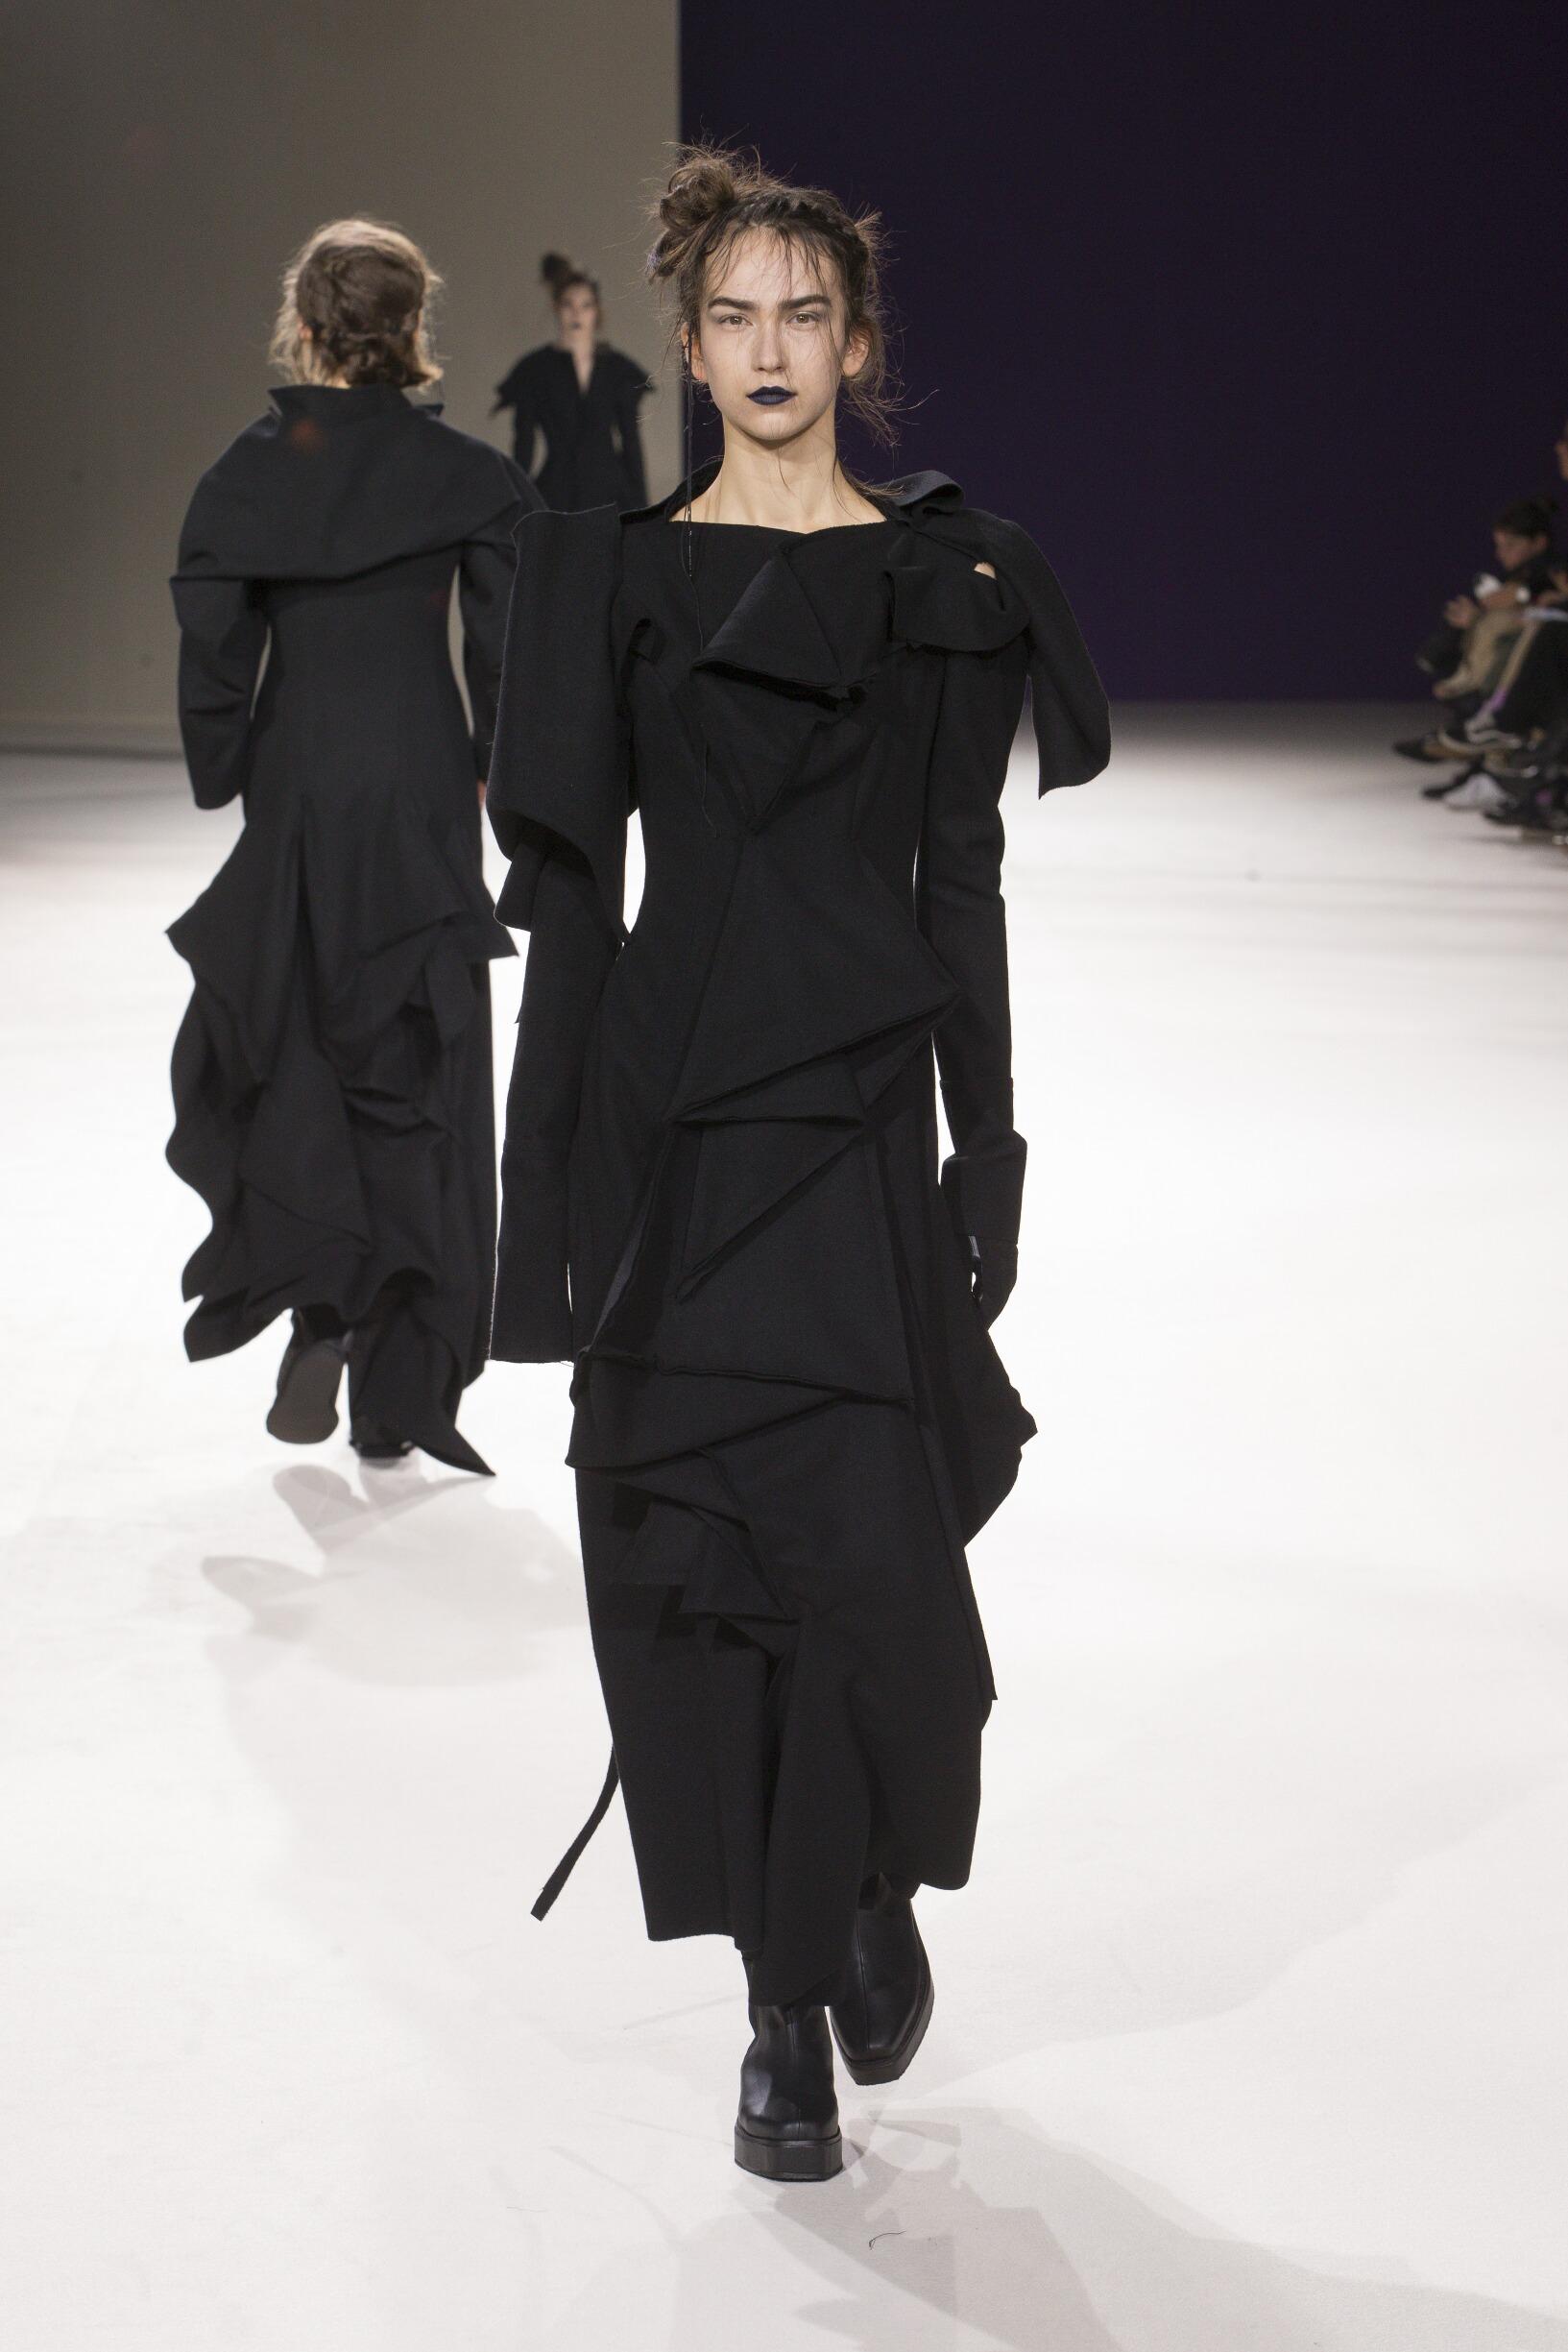 Yohji Yamamoto Woman 2019-20